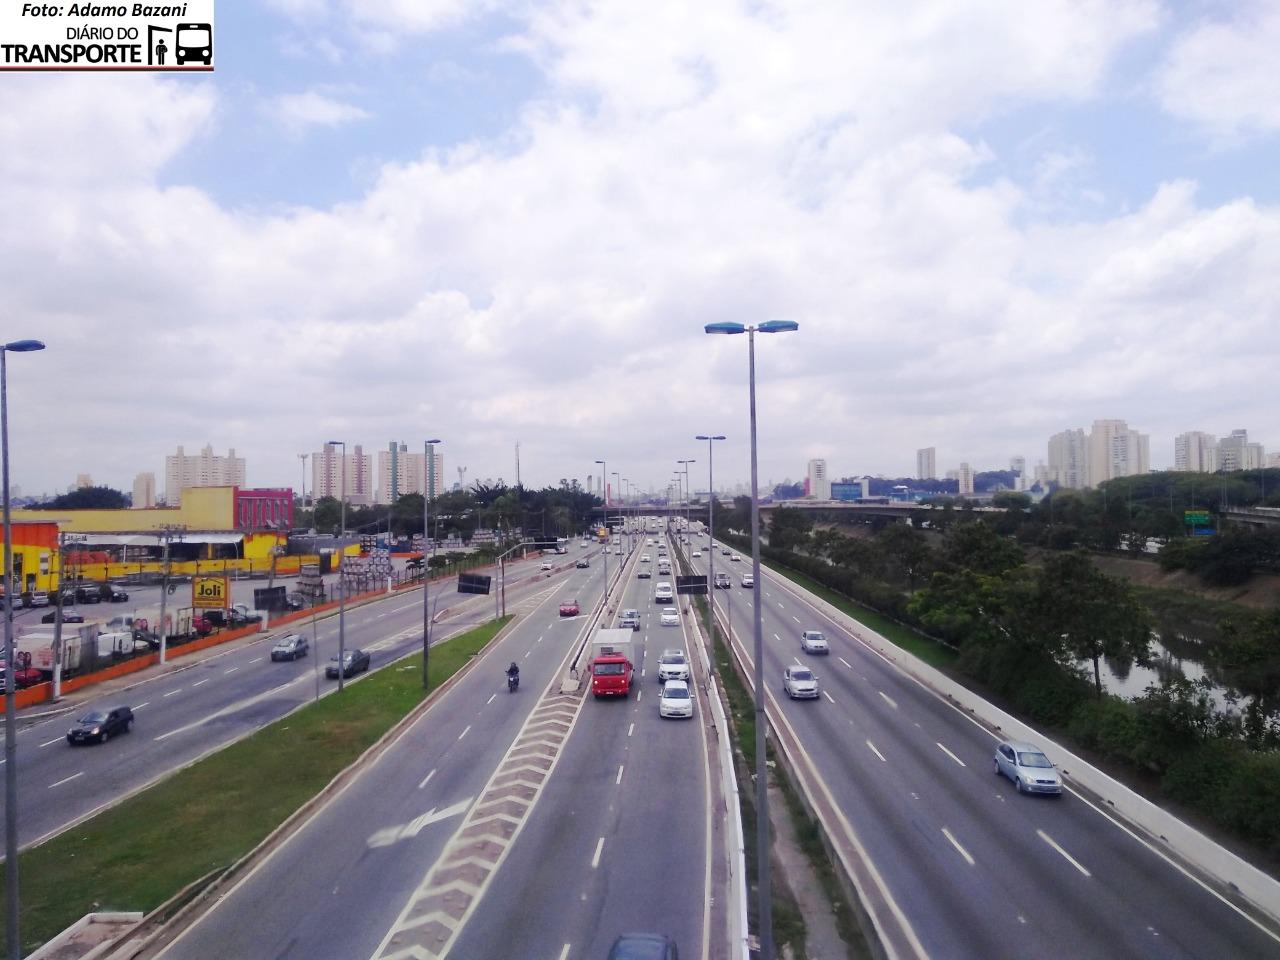 Rodízio de veículos na capital paulista não vigora na quarta-feira - Adamo Bazani